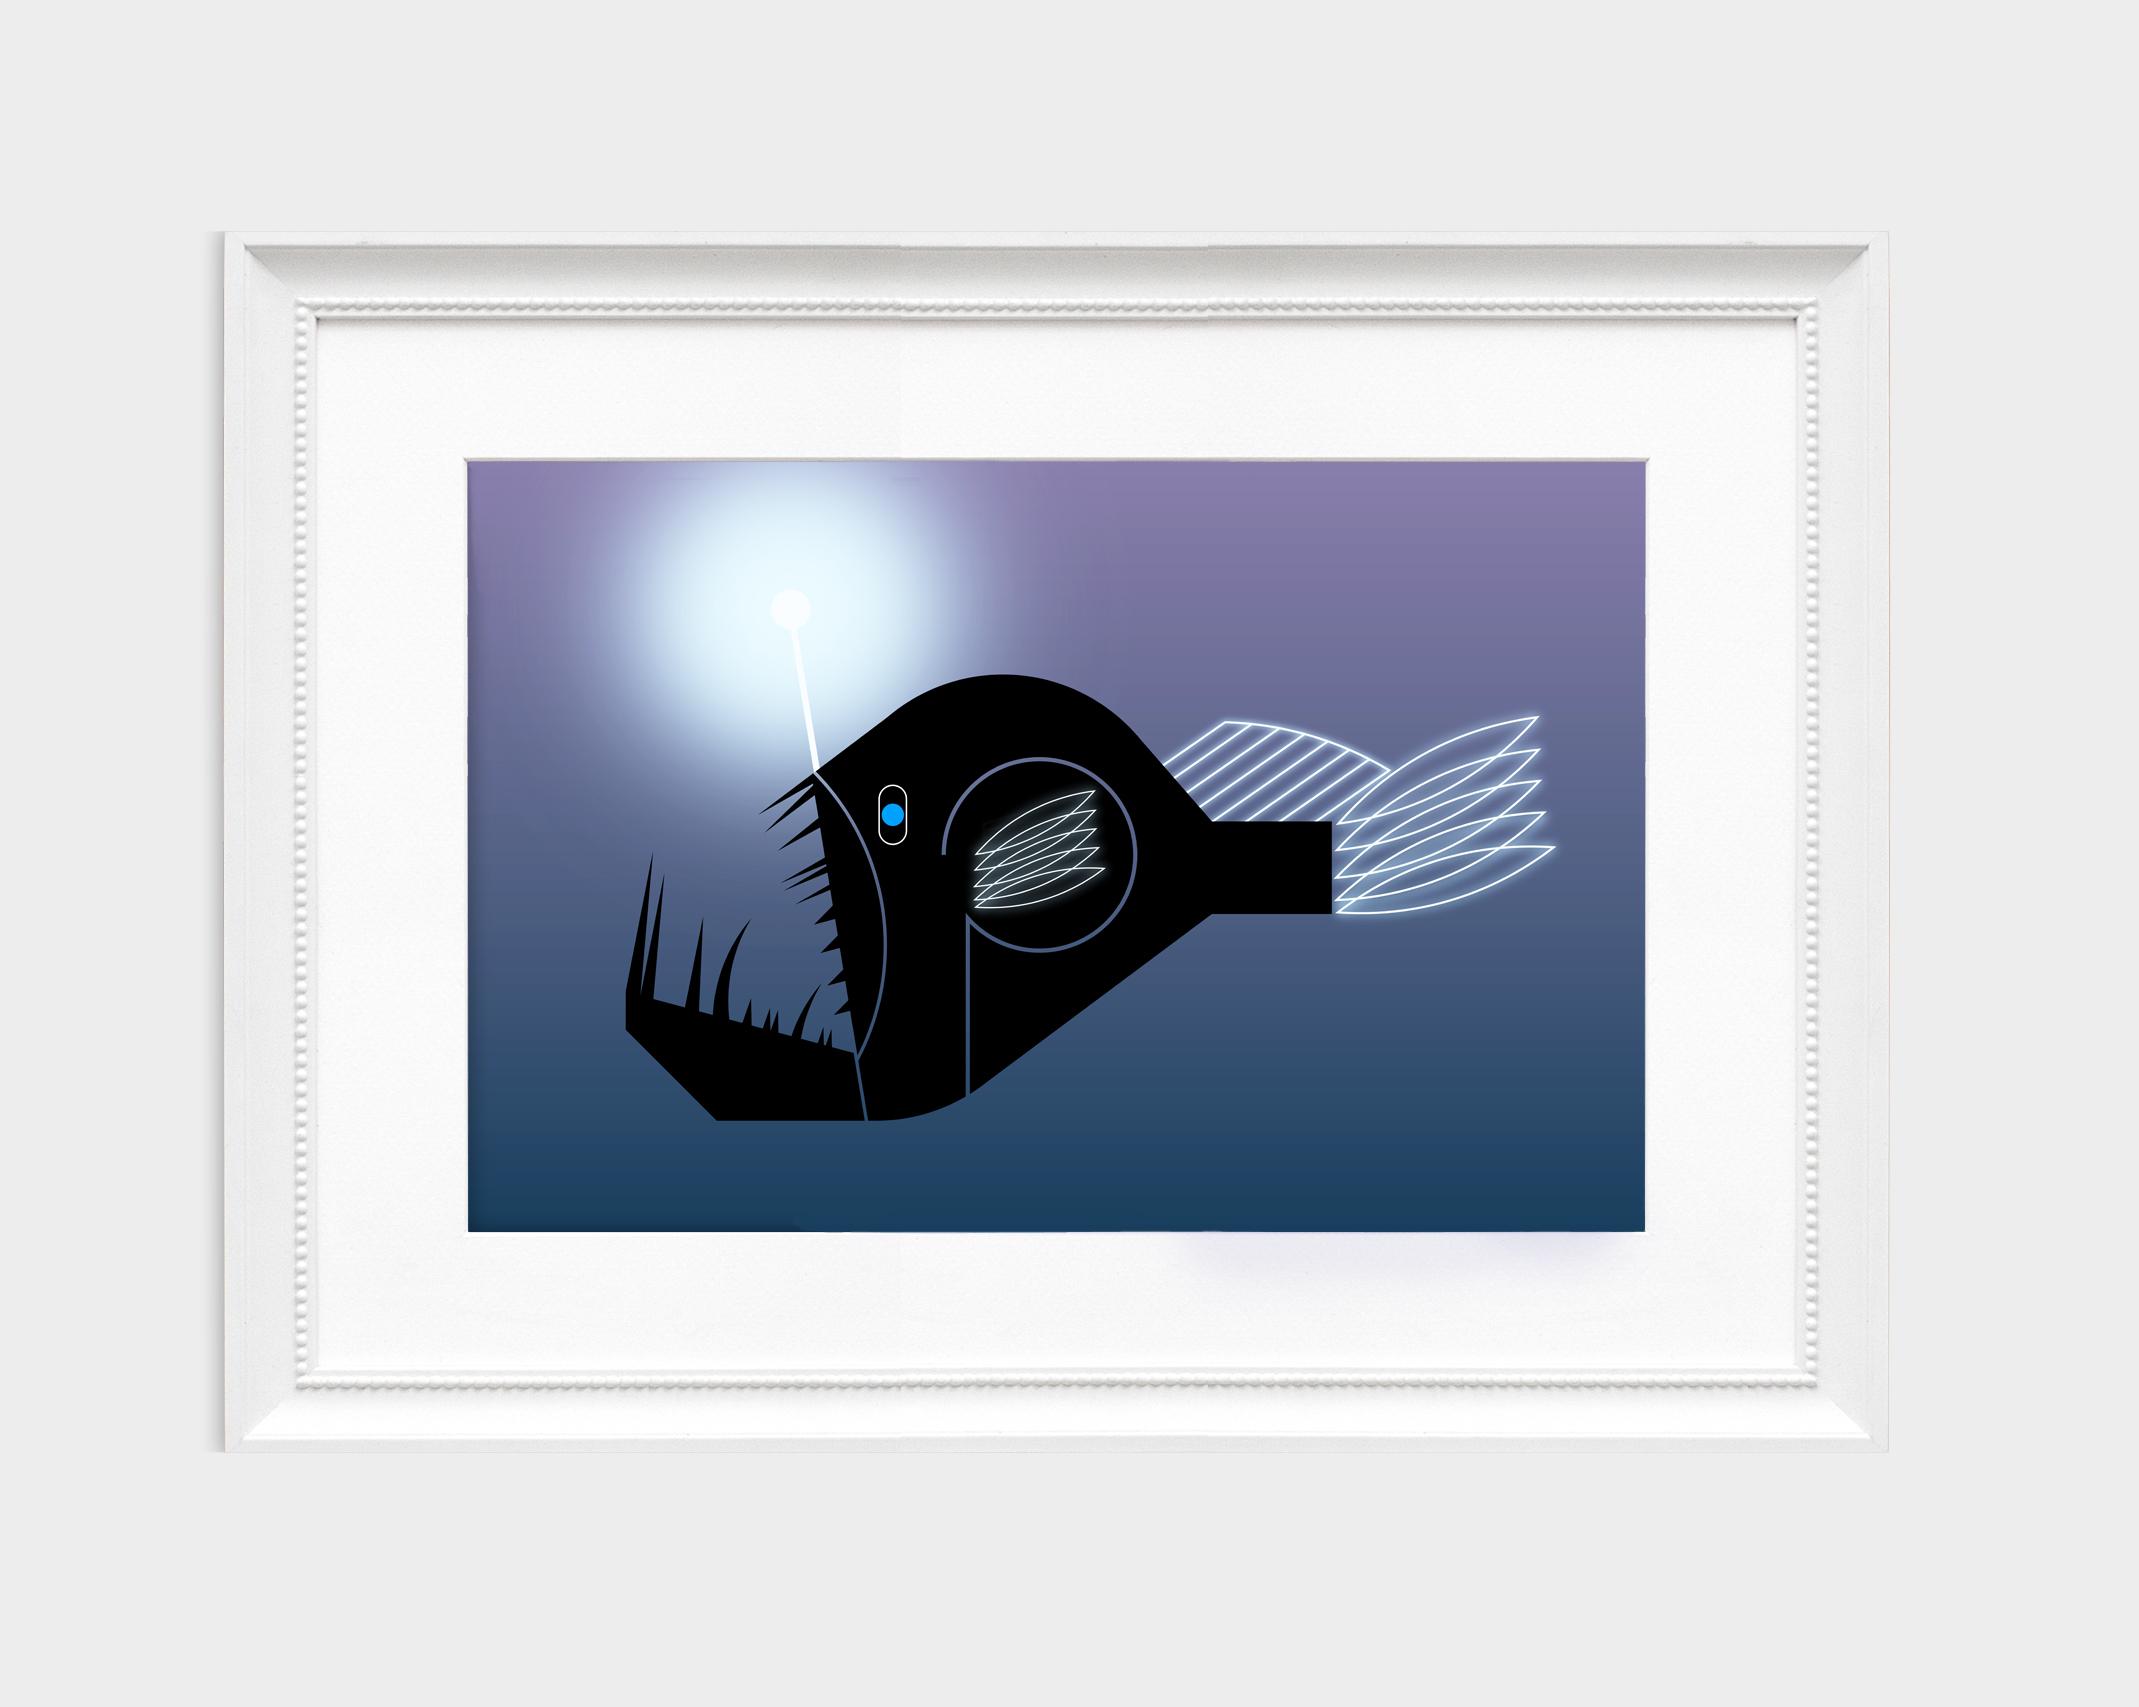 Angler Fish Framed2 copy.jpg